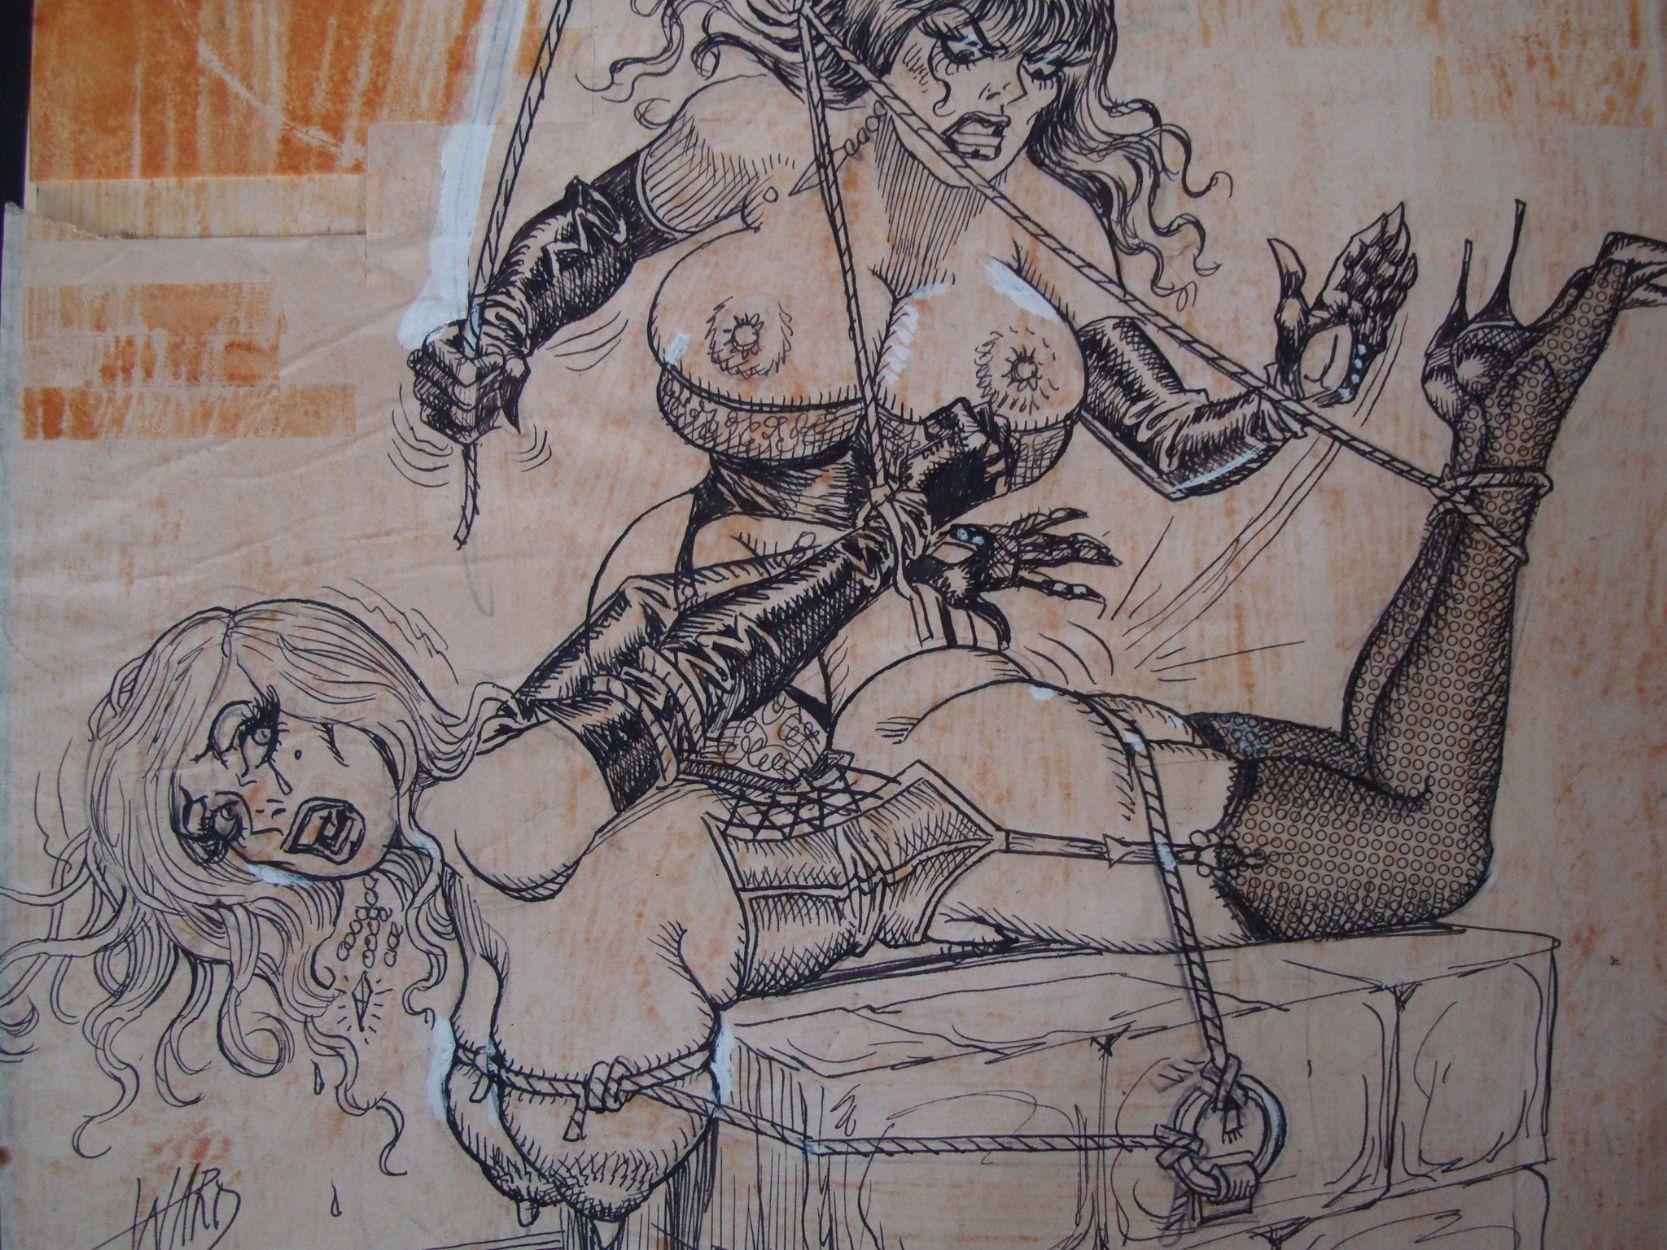 Bill ward art fetish